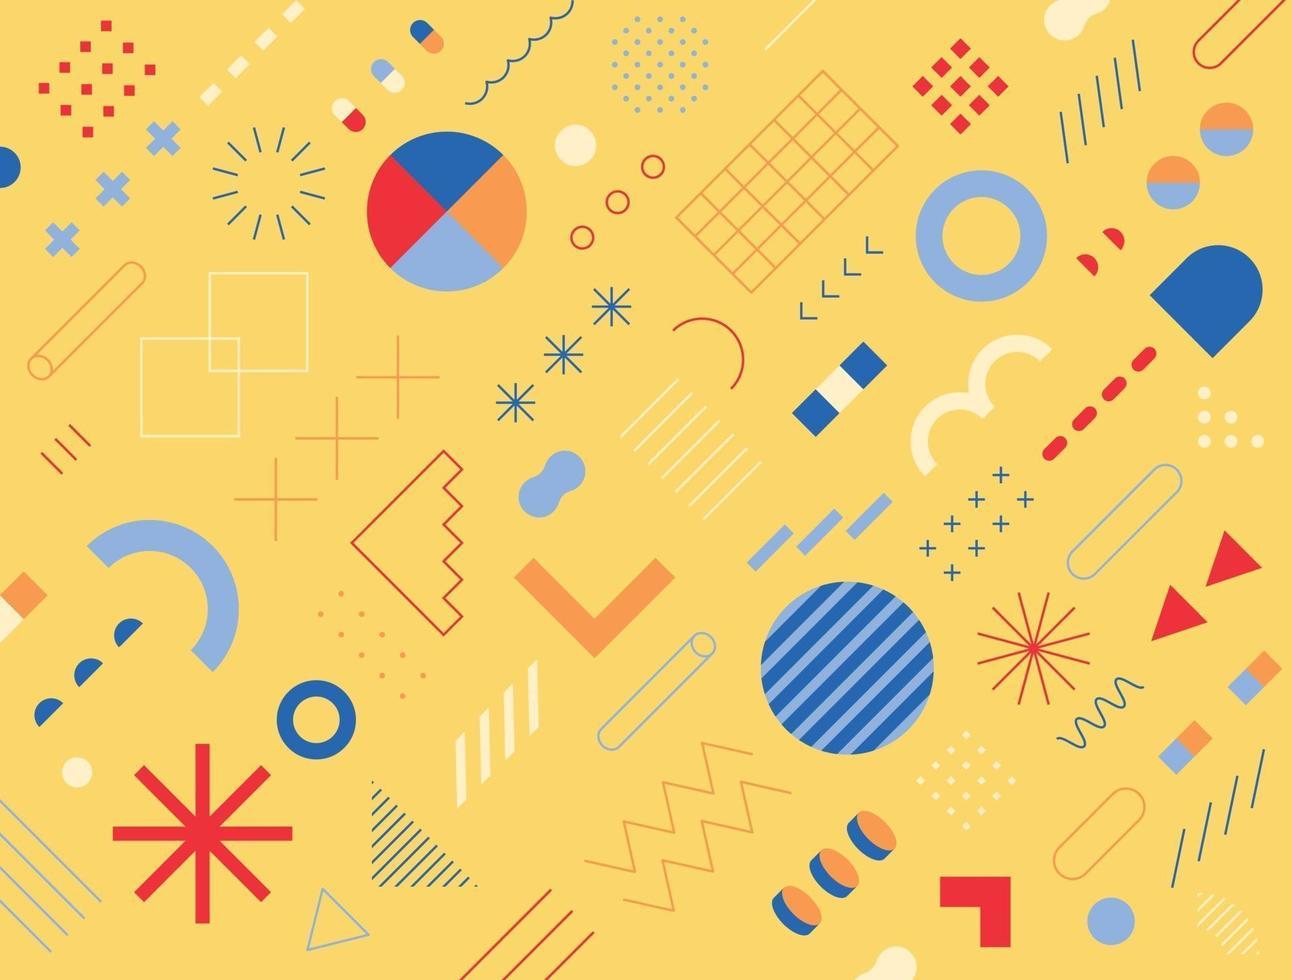 retro-stijl ontwerp bestaande uit verschillende vormen en patronen. gele achtergrond. eenvoudig patroon ontwerpsjabloon. vector